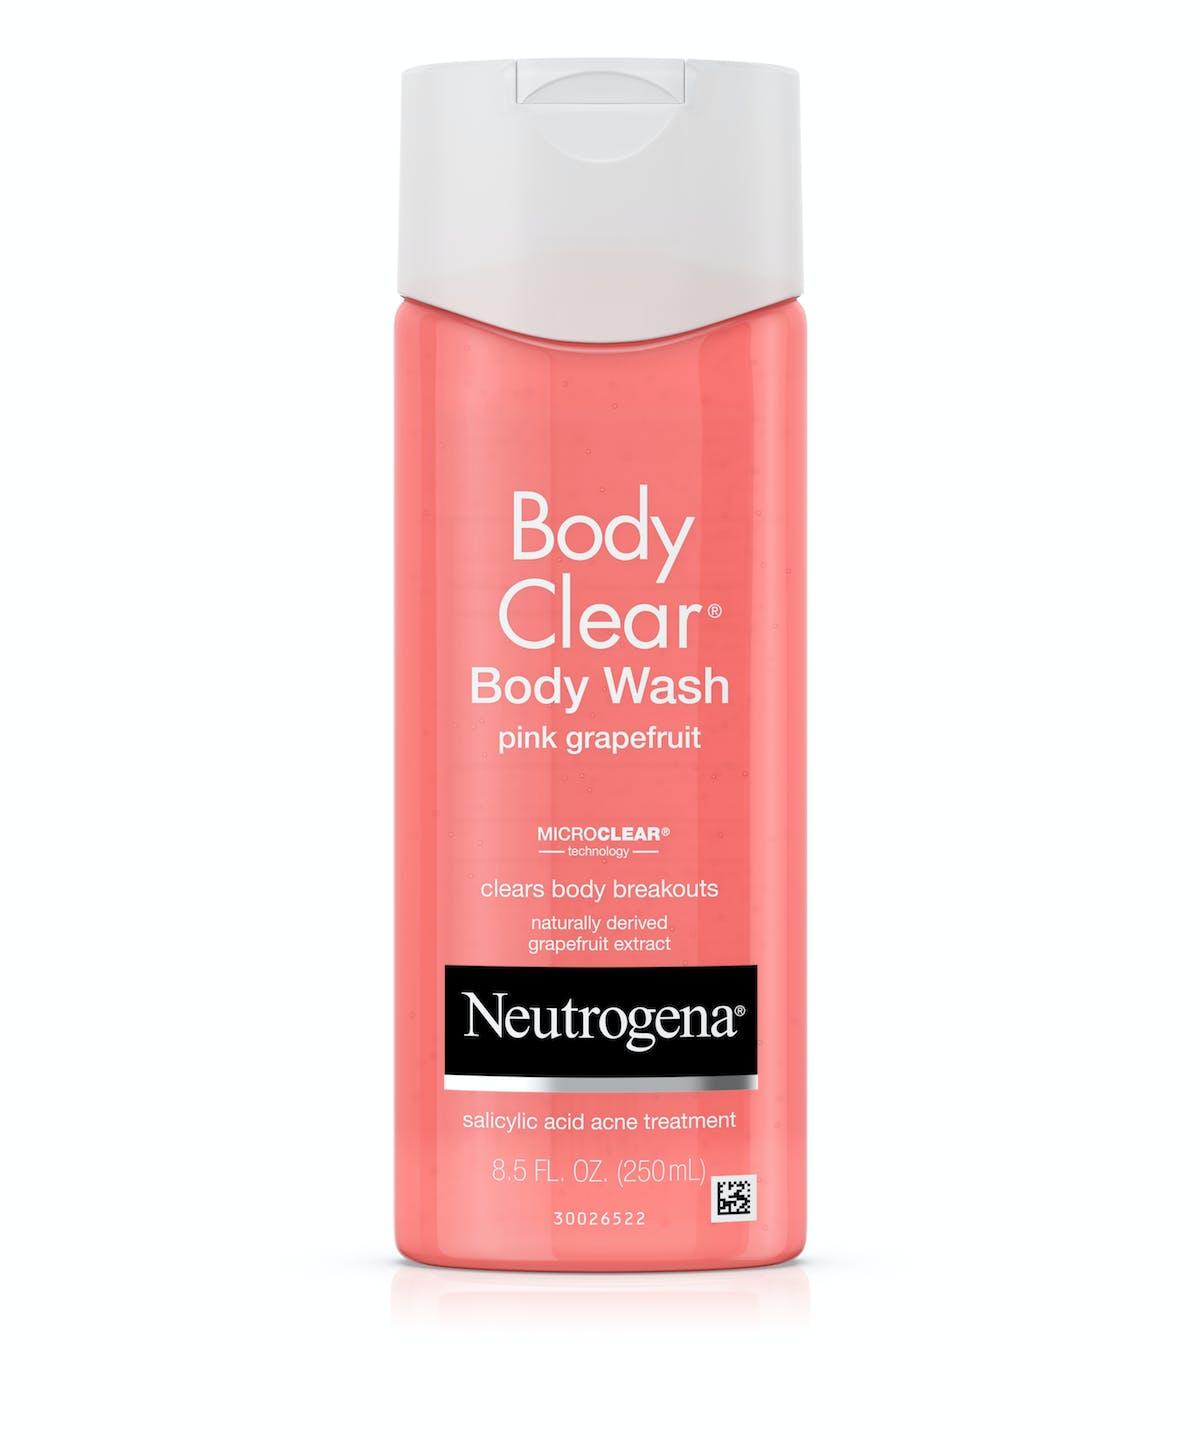 Pink Grapefruit Body Wash Formulated With Salicylic Acid Neutrogena